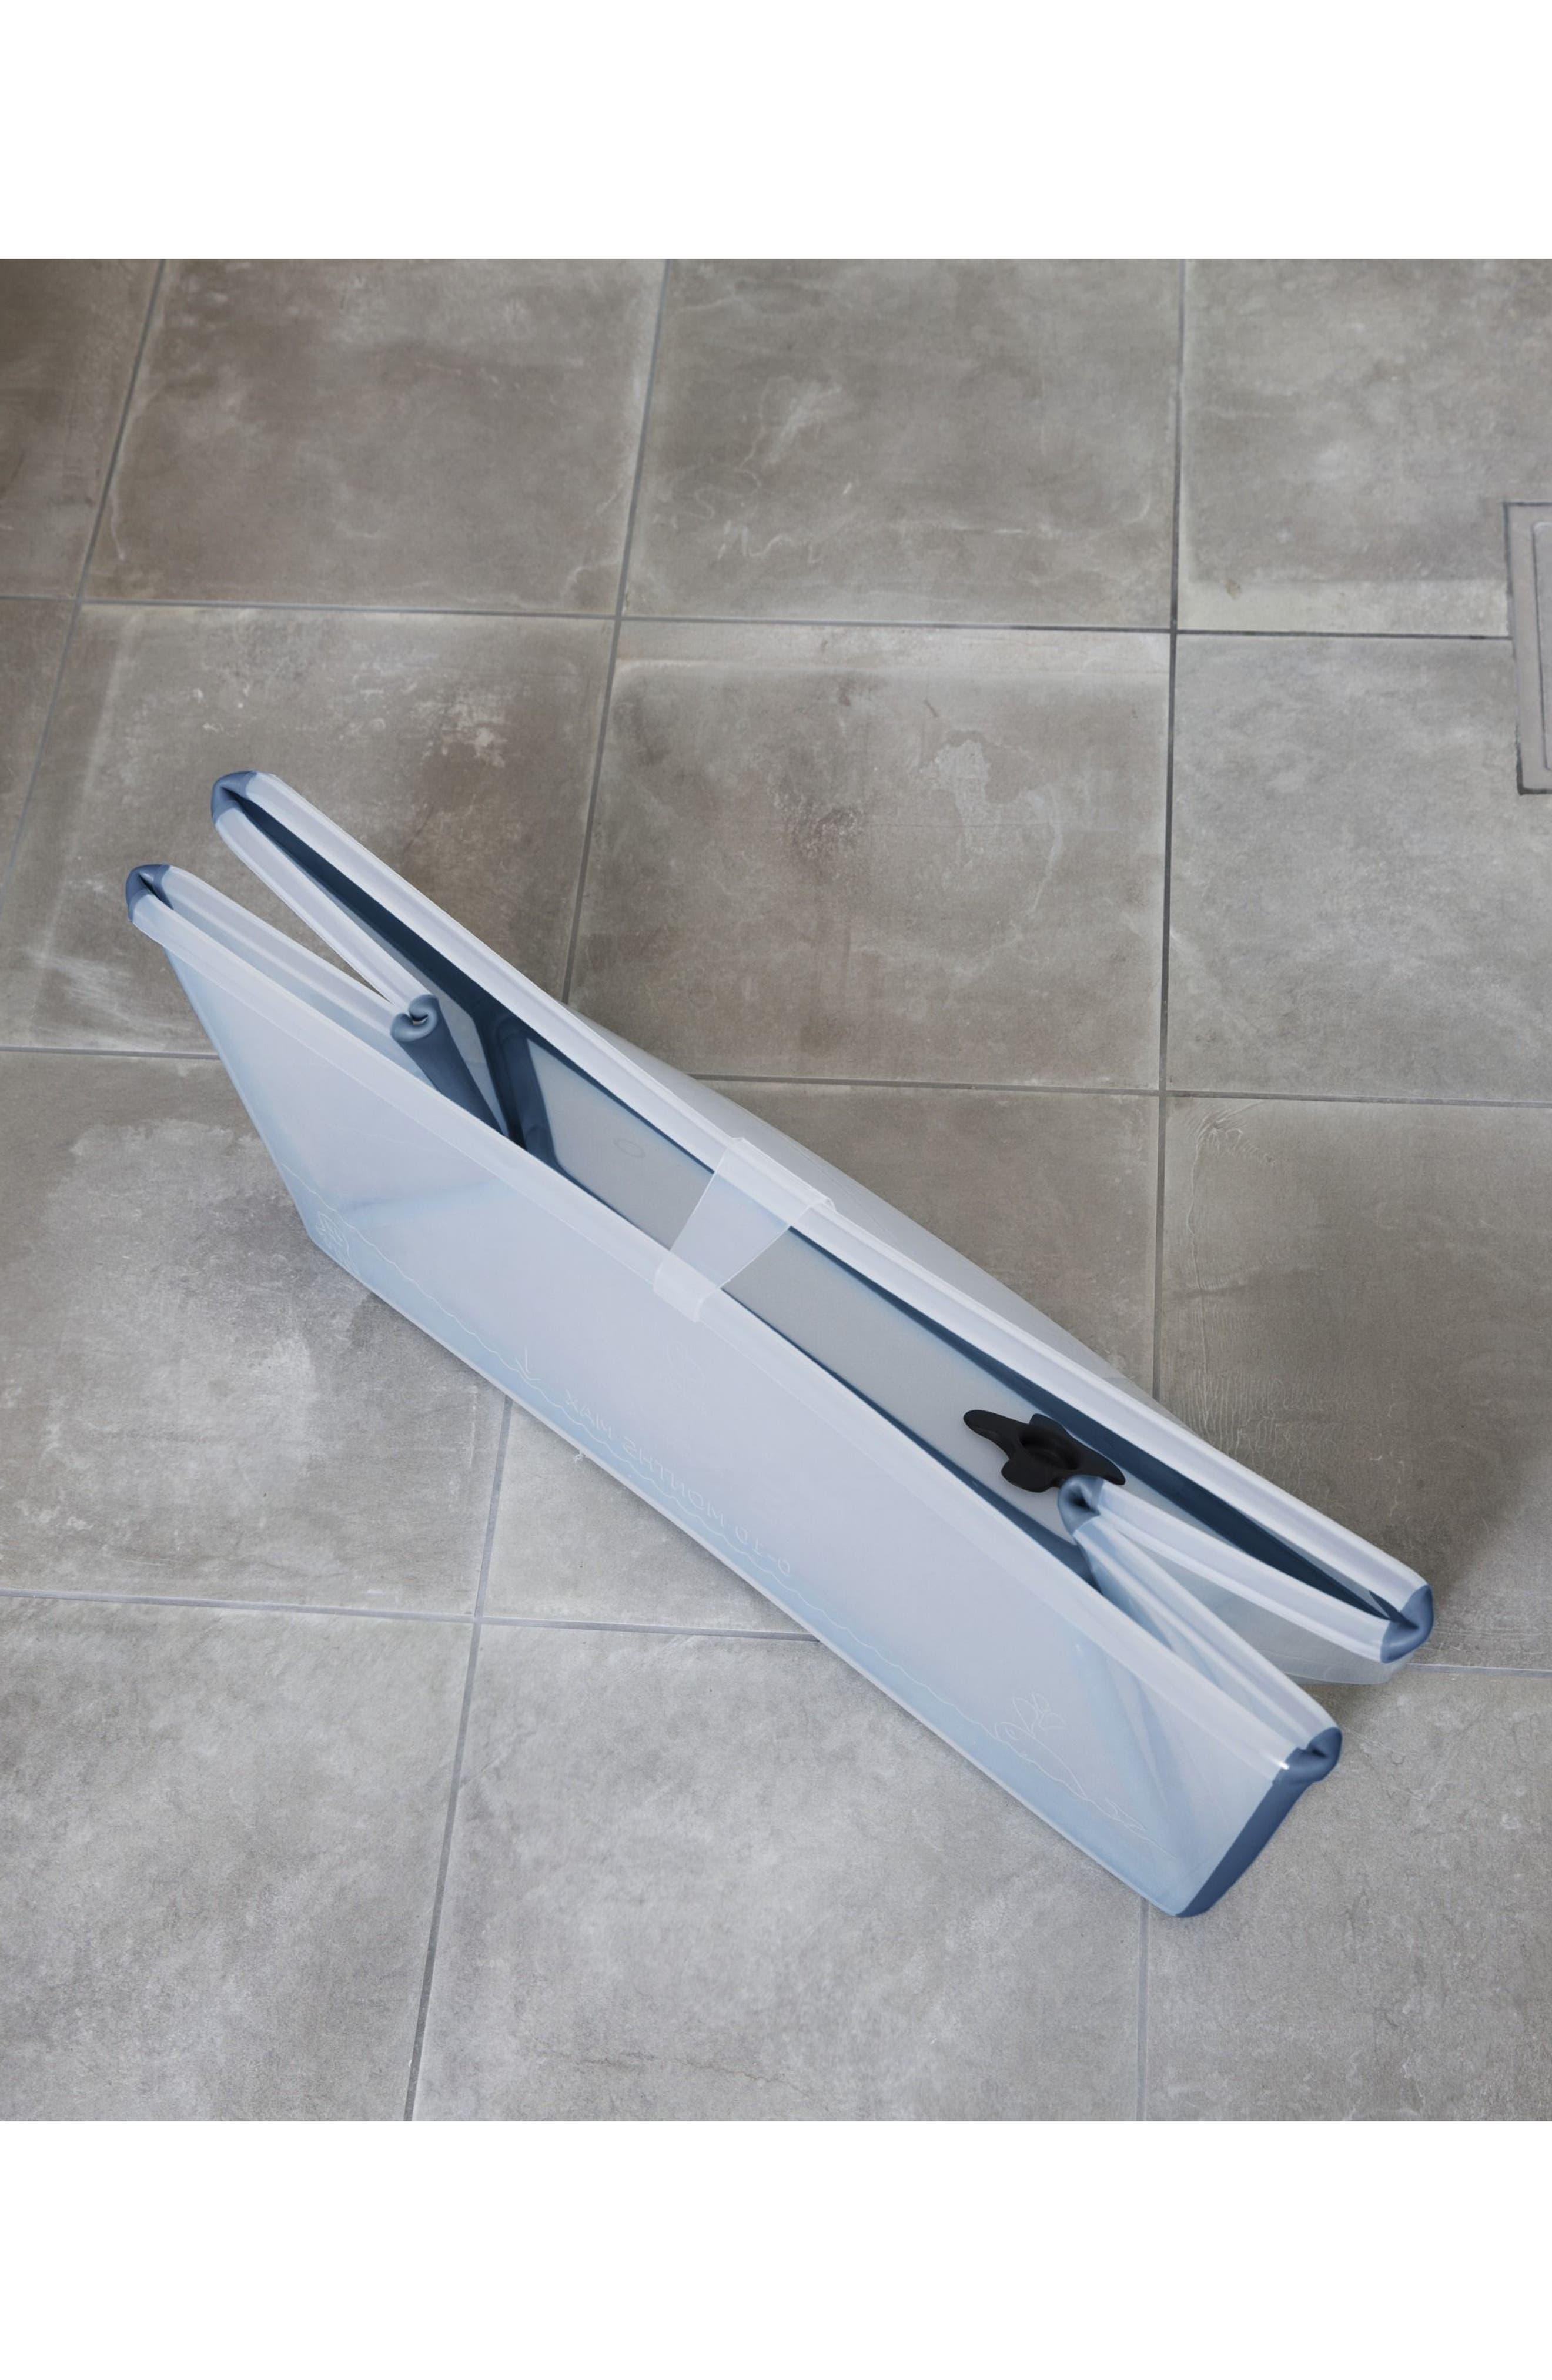 'Flexi Bath<sup>®</sup>' Foldable Baby Bathtub,                             Alternate thumbnail 6, color,                             TRANSPARENT BLUE